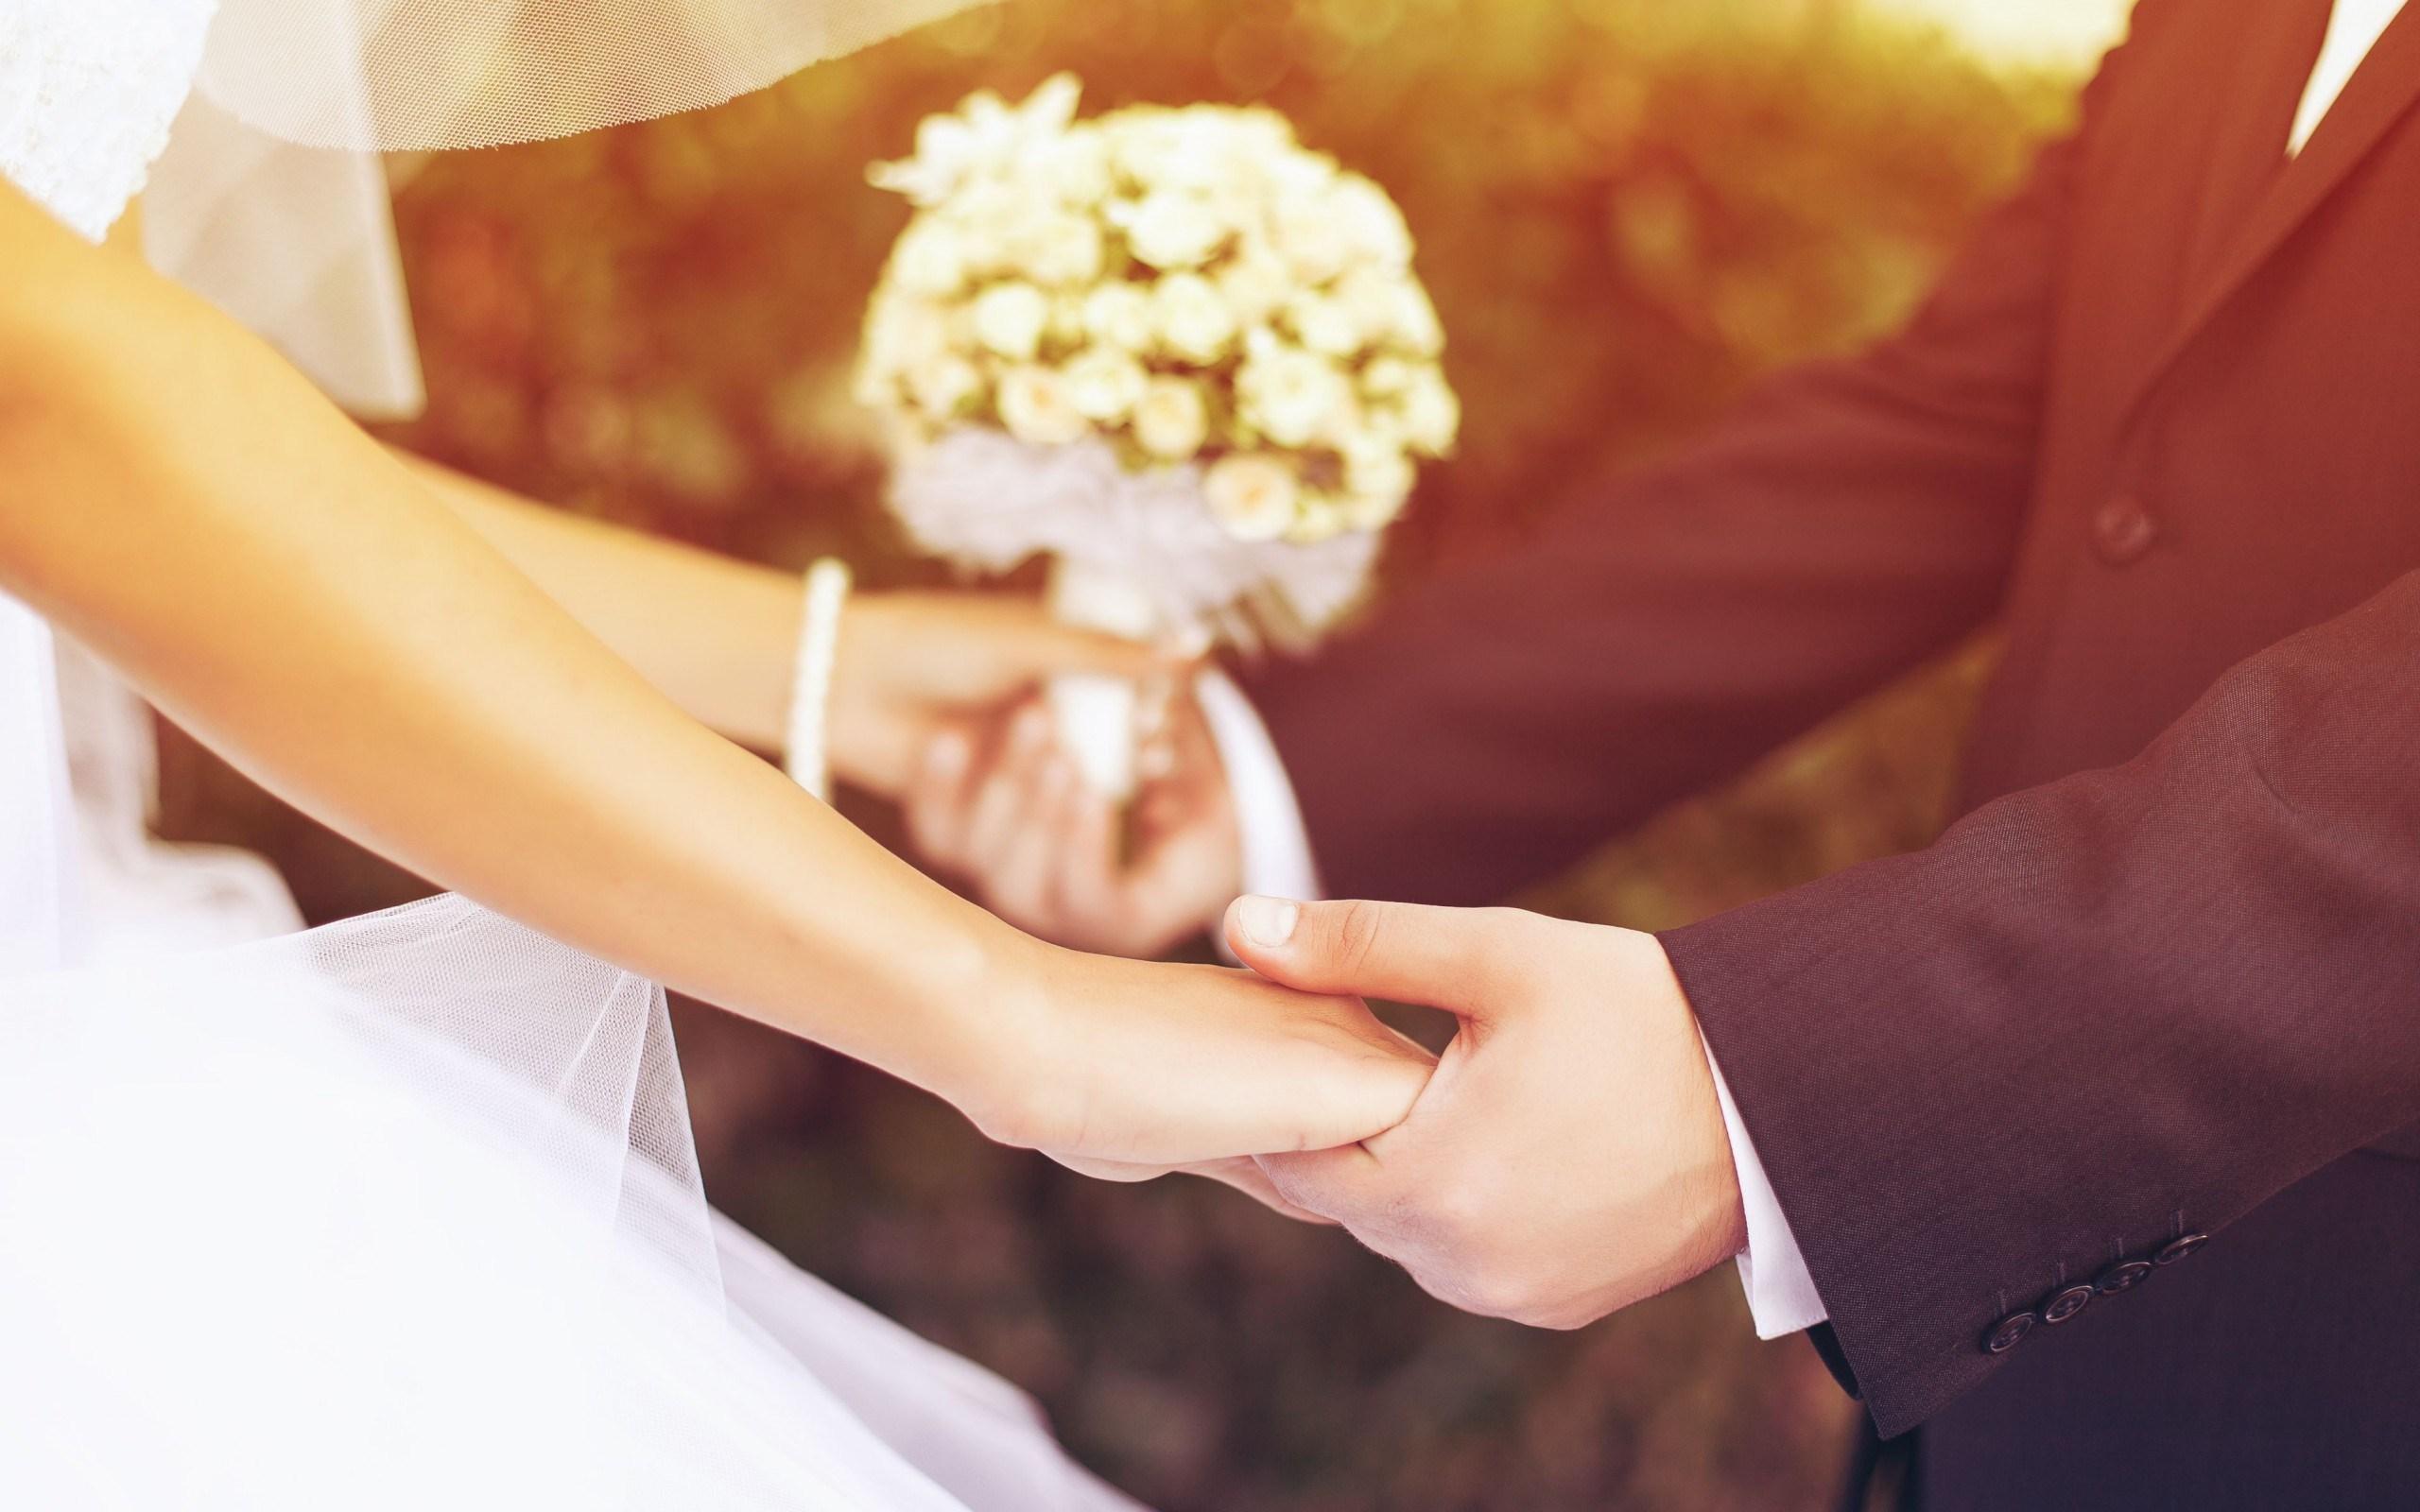 O nunta de neuitat necesita contractarea unei formatii de cea mai buna calitate